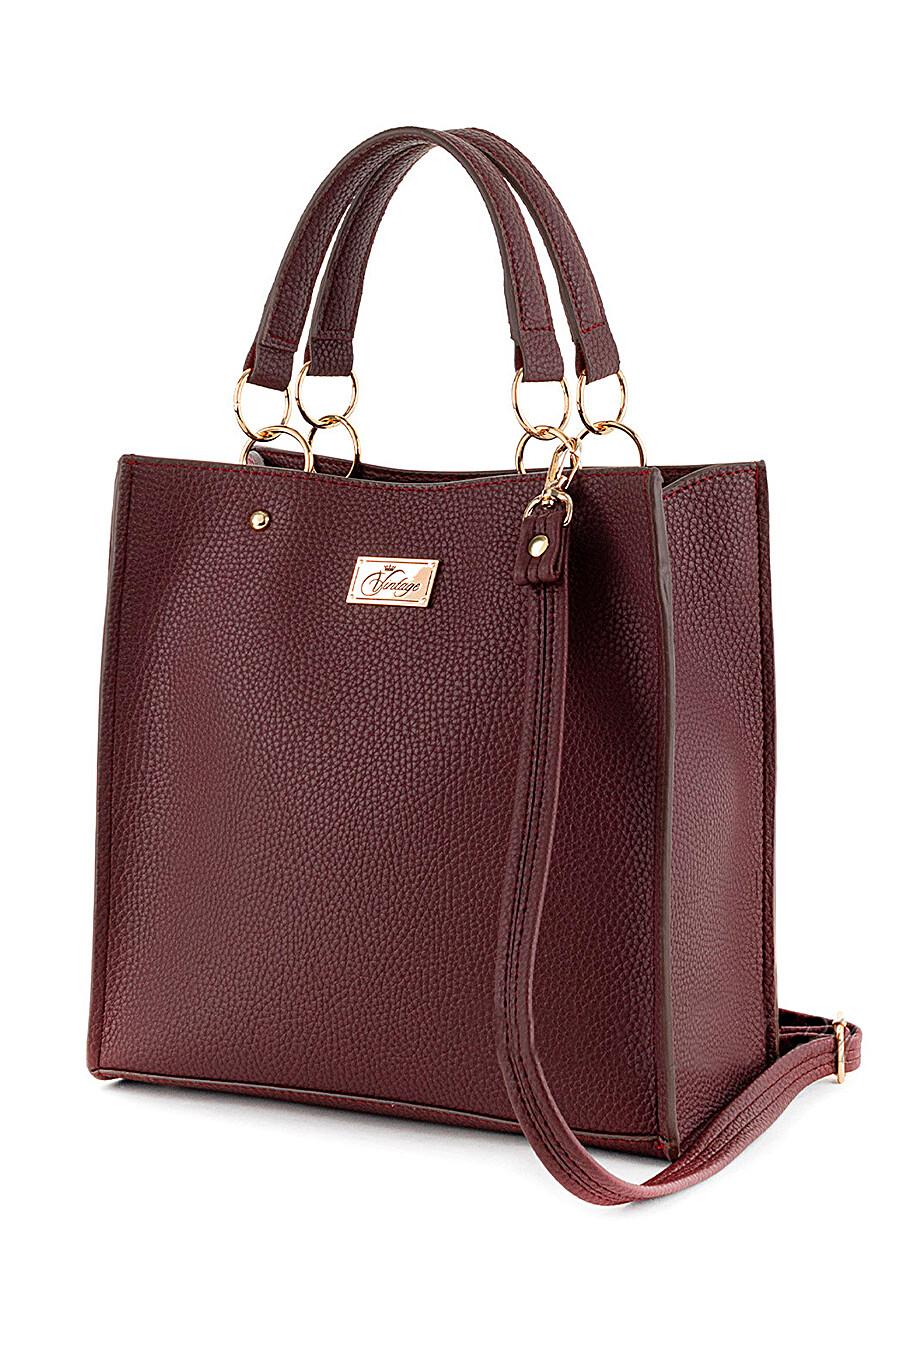 Сумка для женщин L-CRAFT 668327 купить оптом от производителя. Совместная покупка женской одежды в OptMoyo